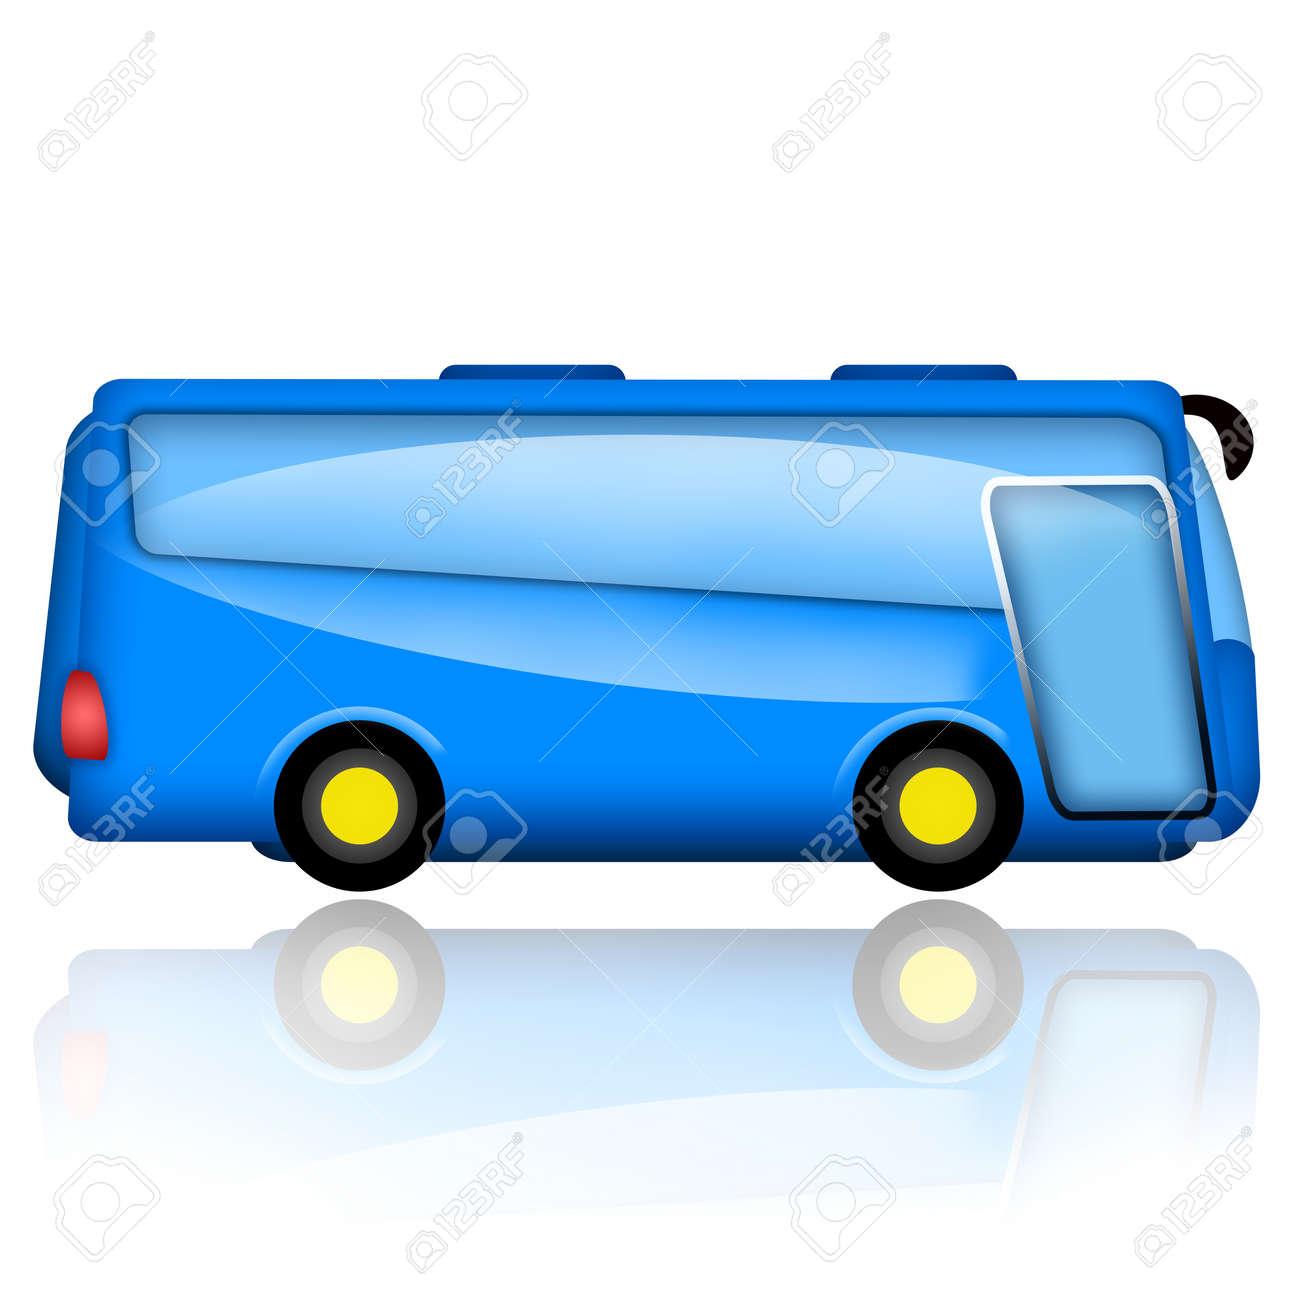 Bus illustration isolated on white background Stock Photo - 15149984